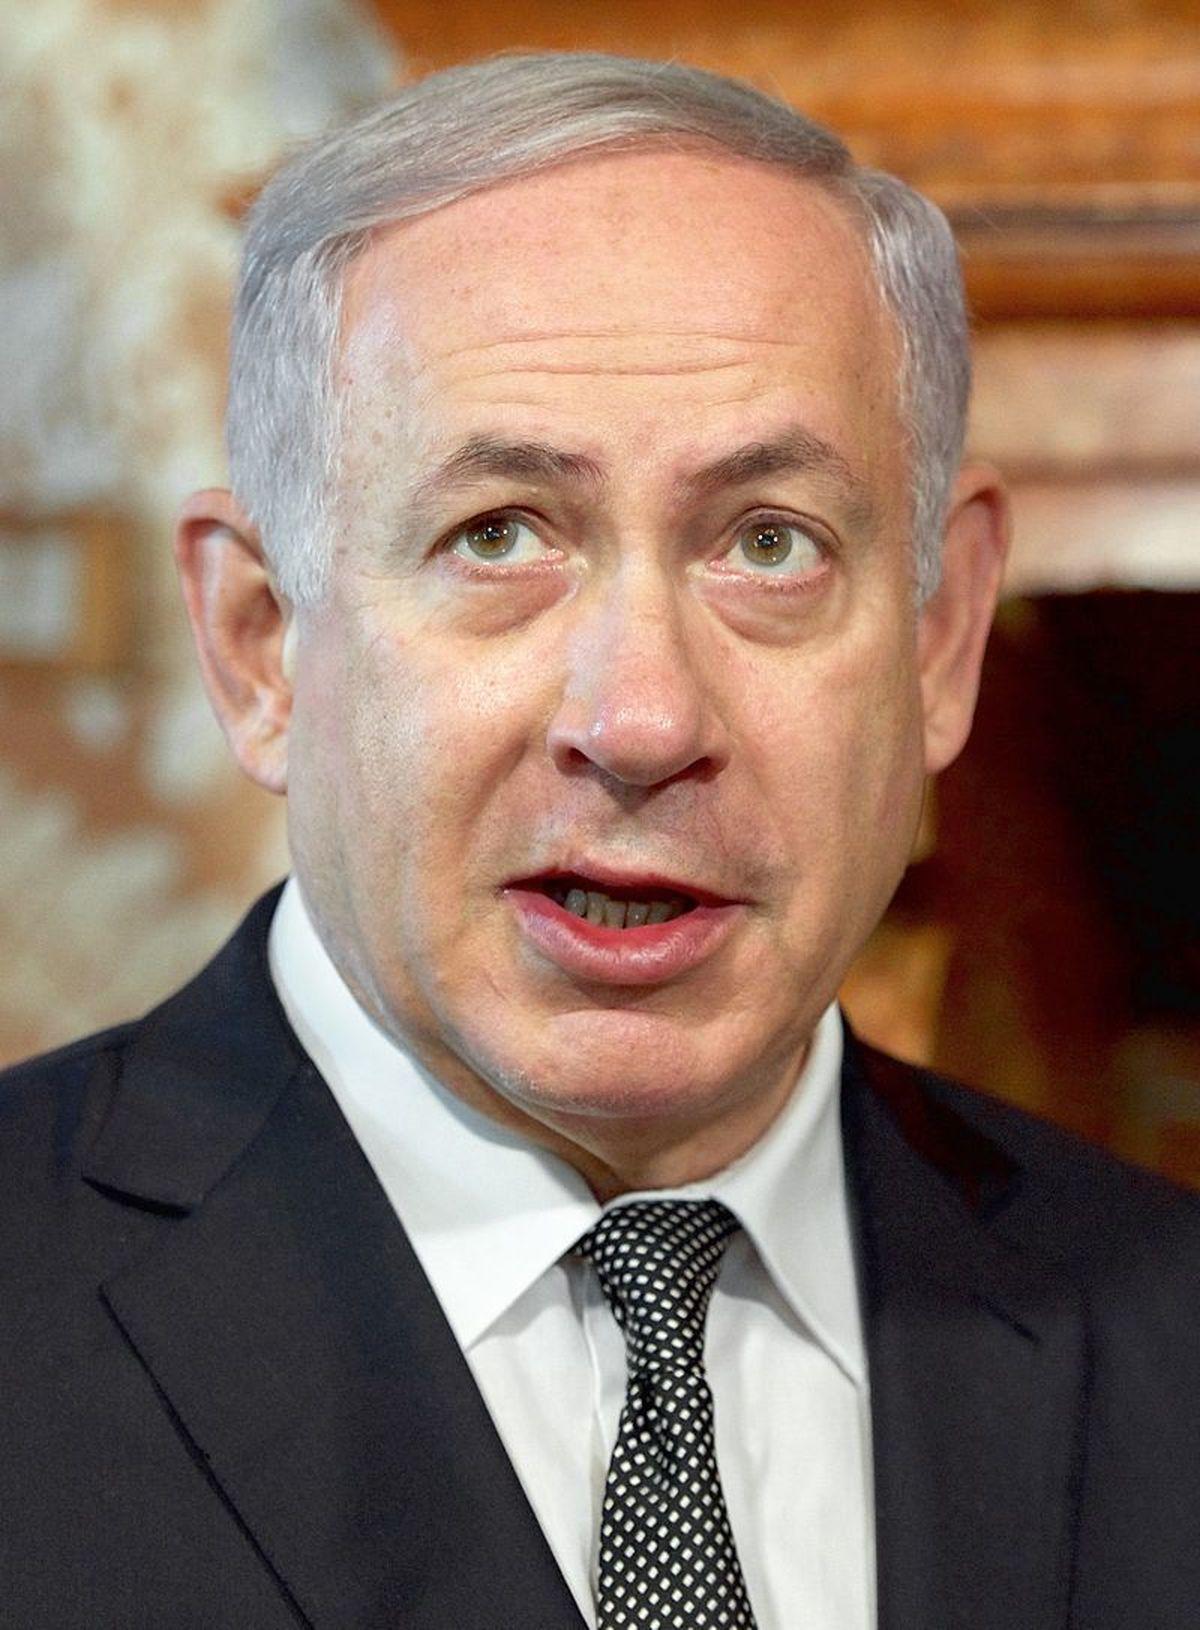 تیلرسون: نتانیاهو با اطلاعات غلط ترامپ را بازی داد